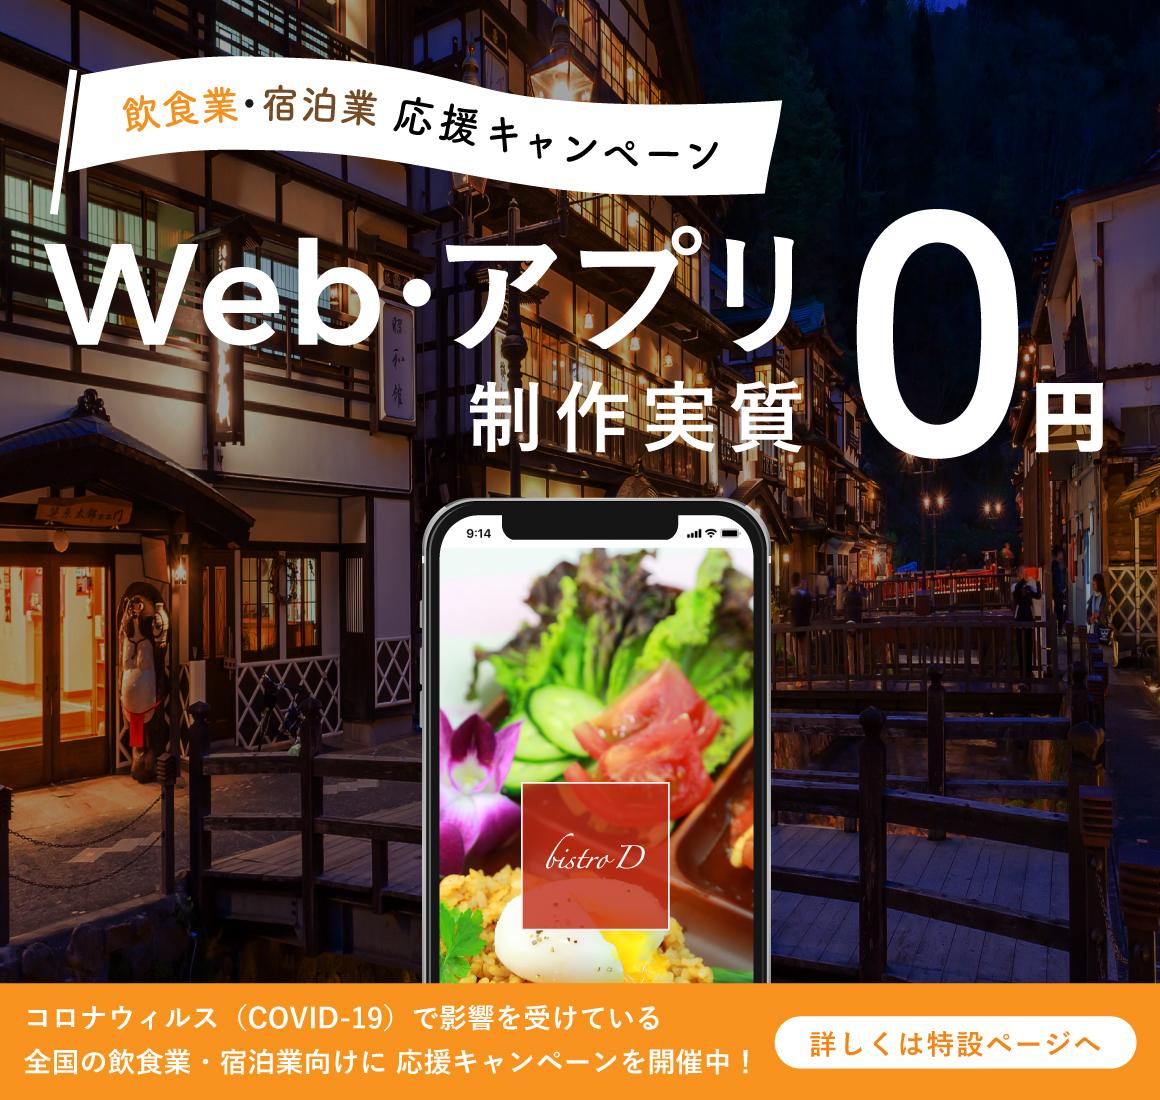 飲食業・宿泊業 応援キャンペーン web・アプリ制作実質0円 コロナウィルス(COVID-19)で影響を受けている全国の飲食業・宿泊業向けに 応援キャンペーンを開催中! 詳しくは特設ページへ